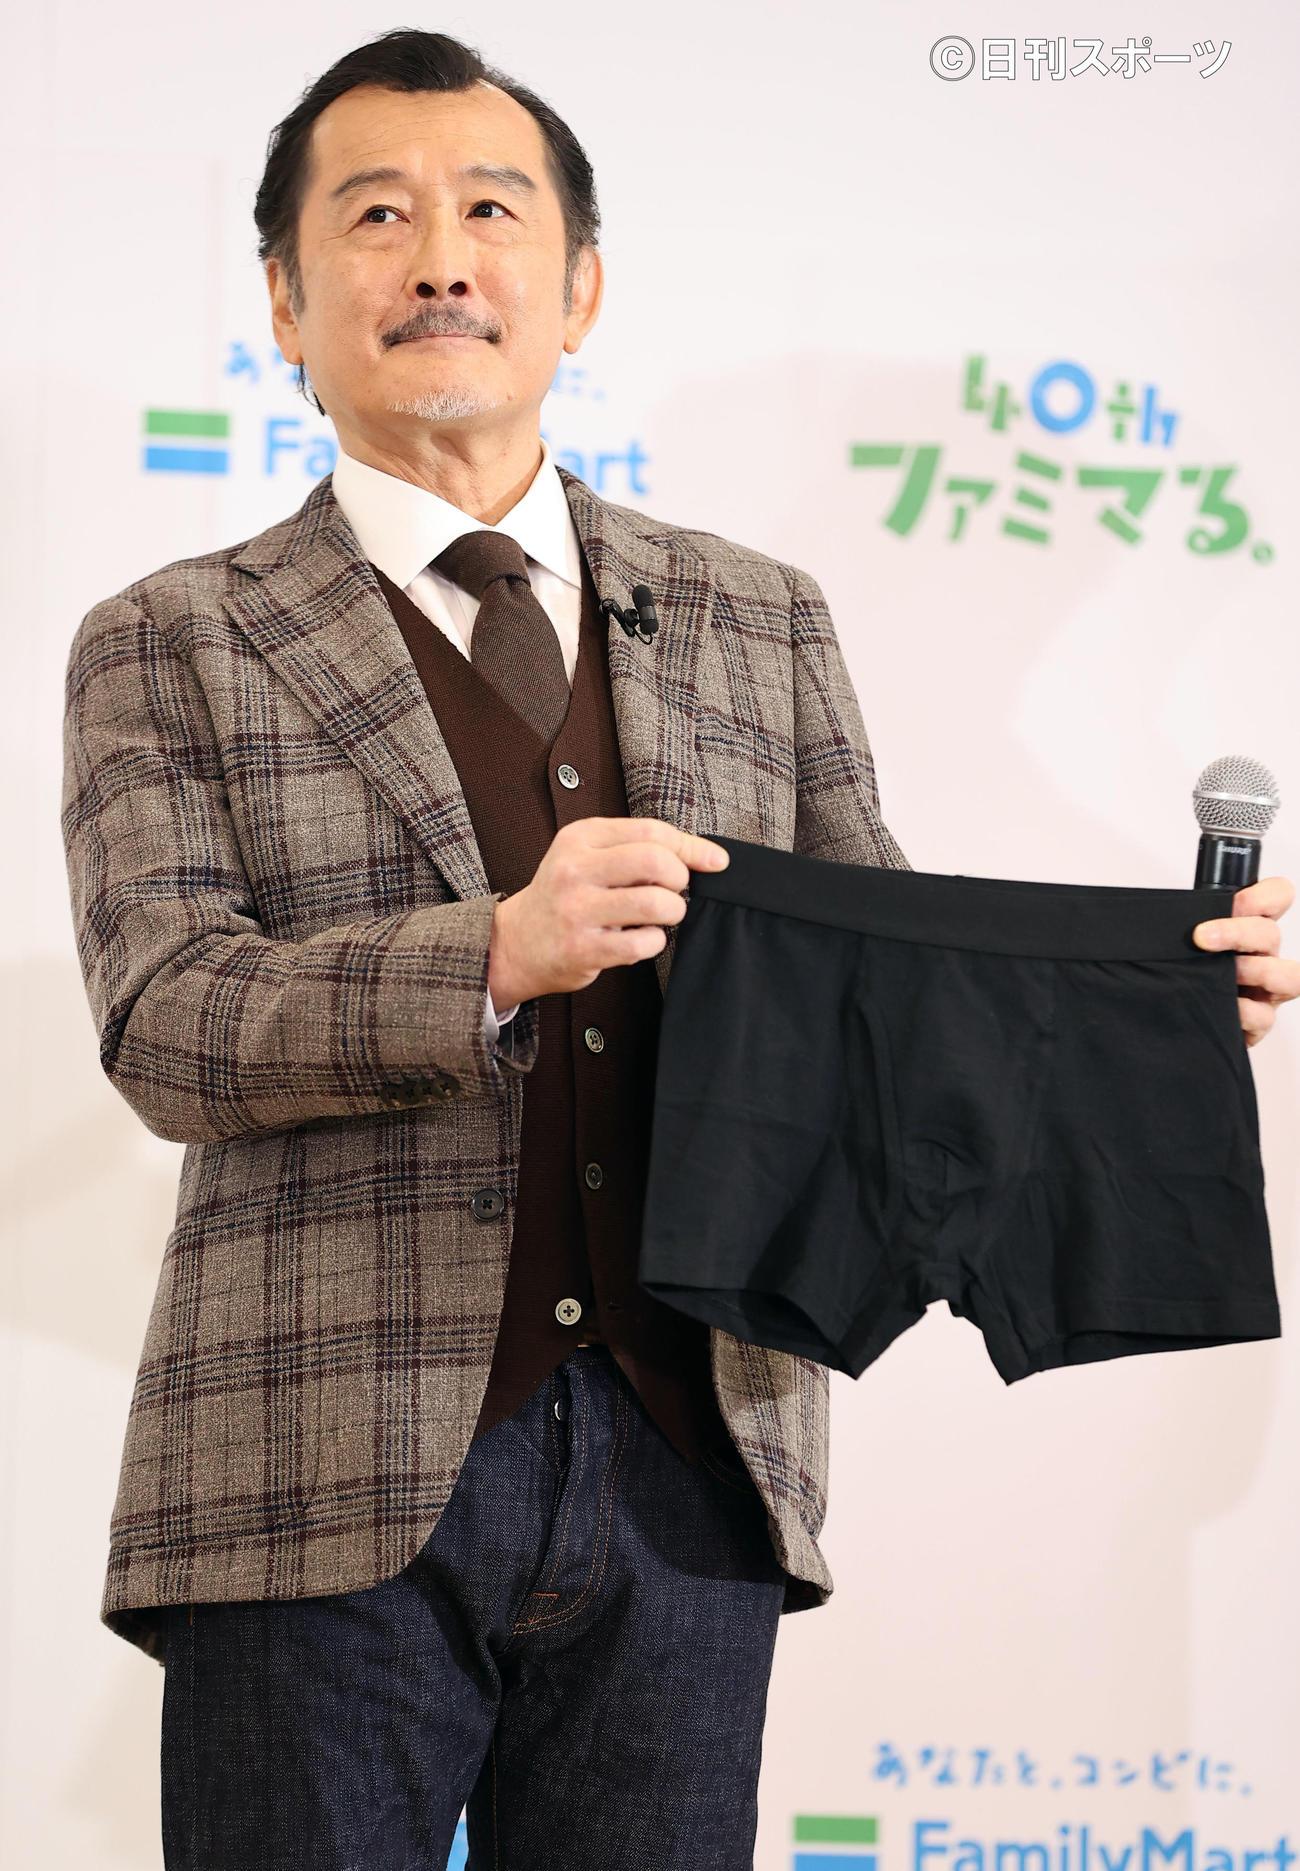 ファミリーマート創立40周年記念発表会で、新商品のボクサーパンツを手にする吉田鋼太郎(撮影・浅見桂子)